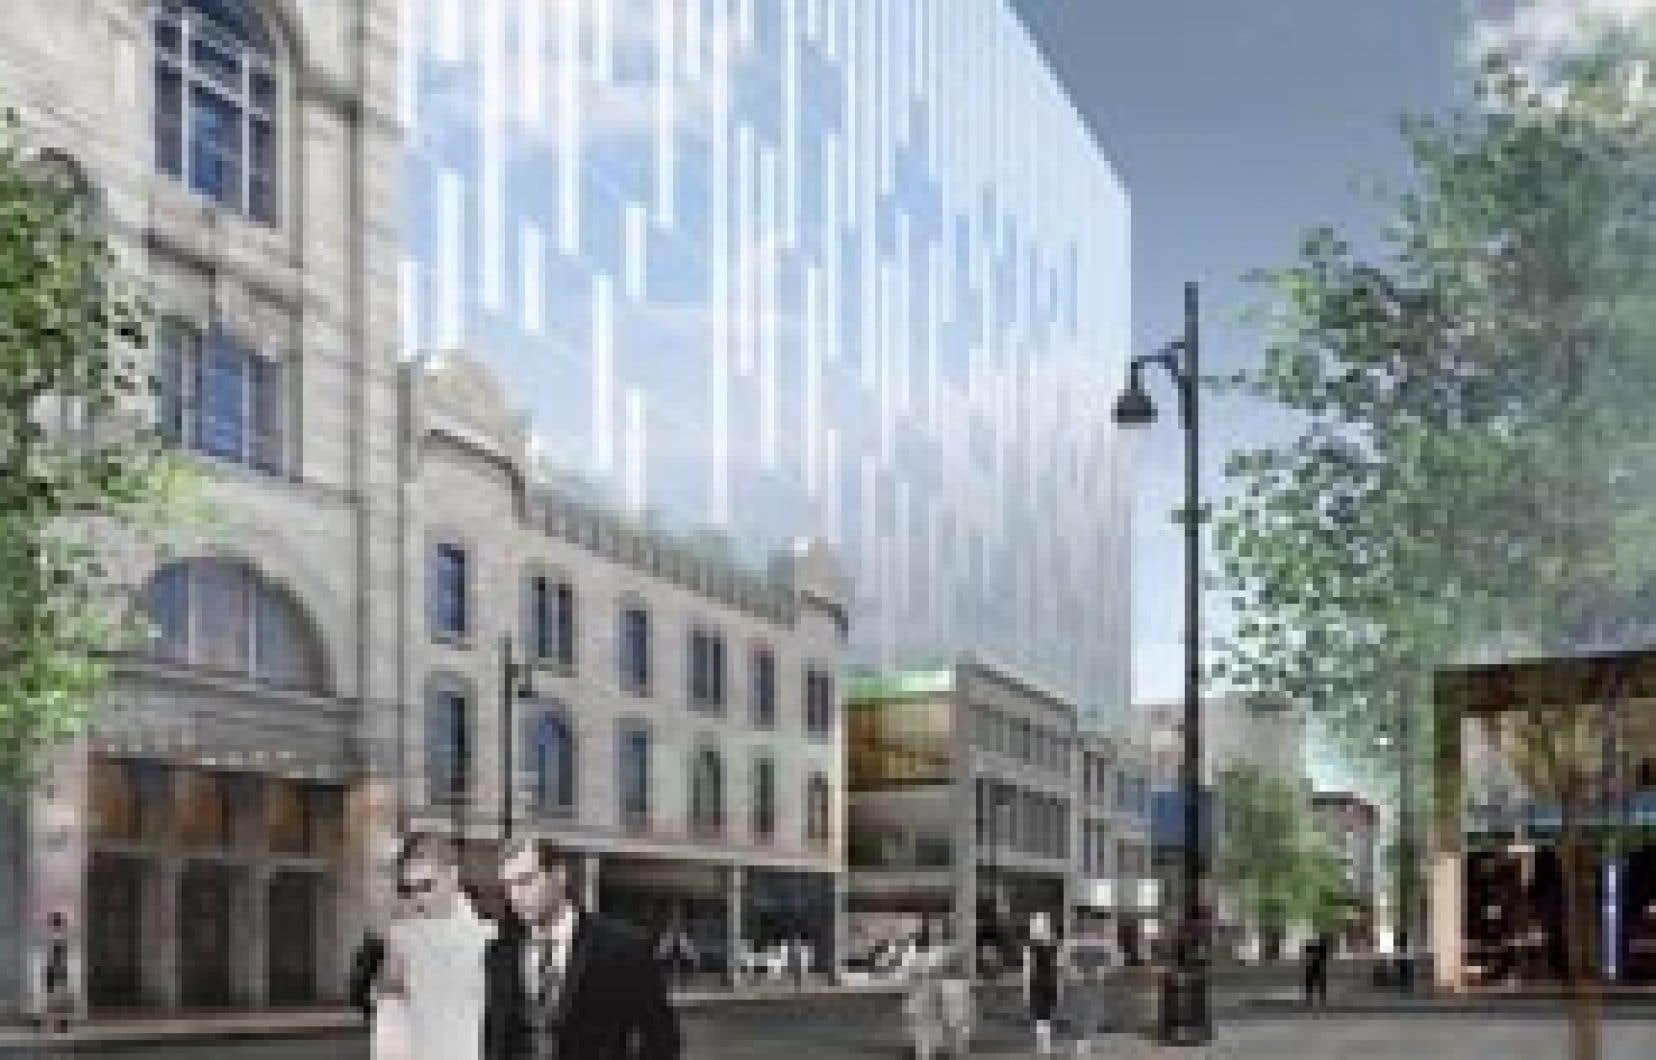 Société de développement Angus Le chantier de quelque 165 millions de la Société de développement Angus redéfinirait le secteur délabré en implantant une tour de treize étages «en forme de barre», au-dessus et en retrait des édifices exista